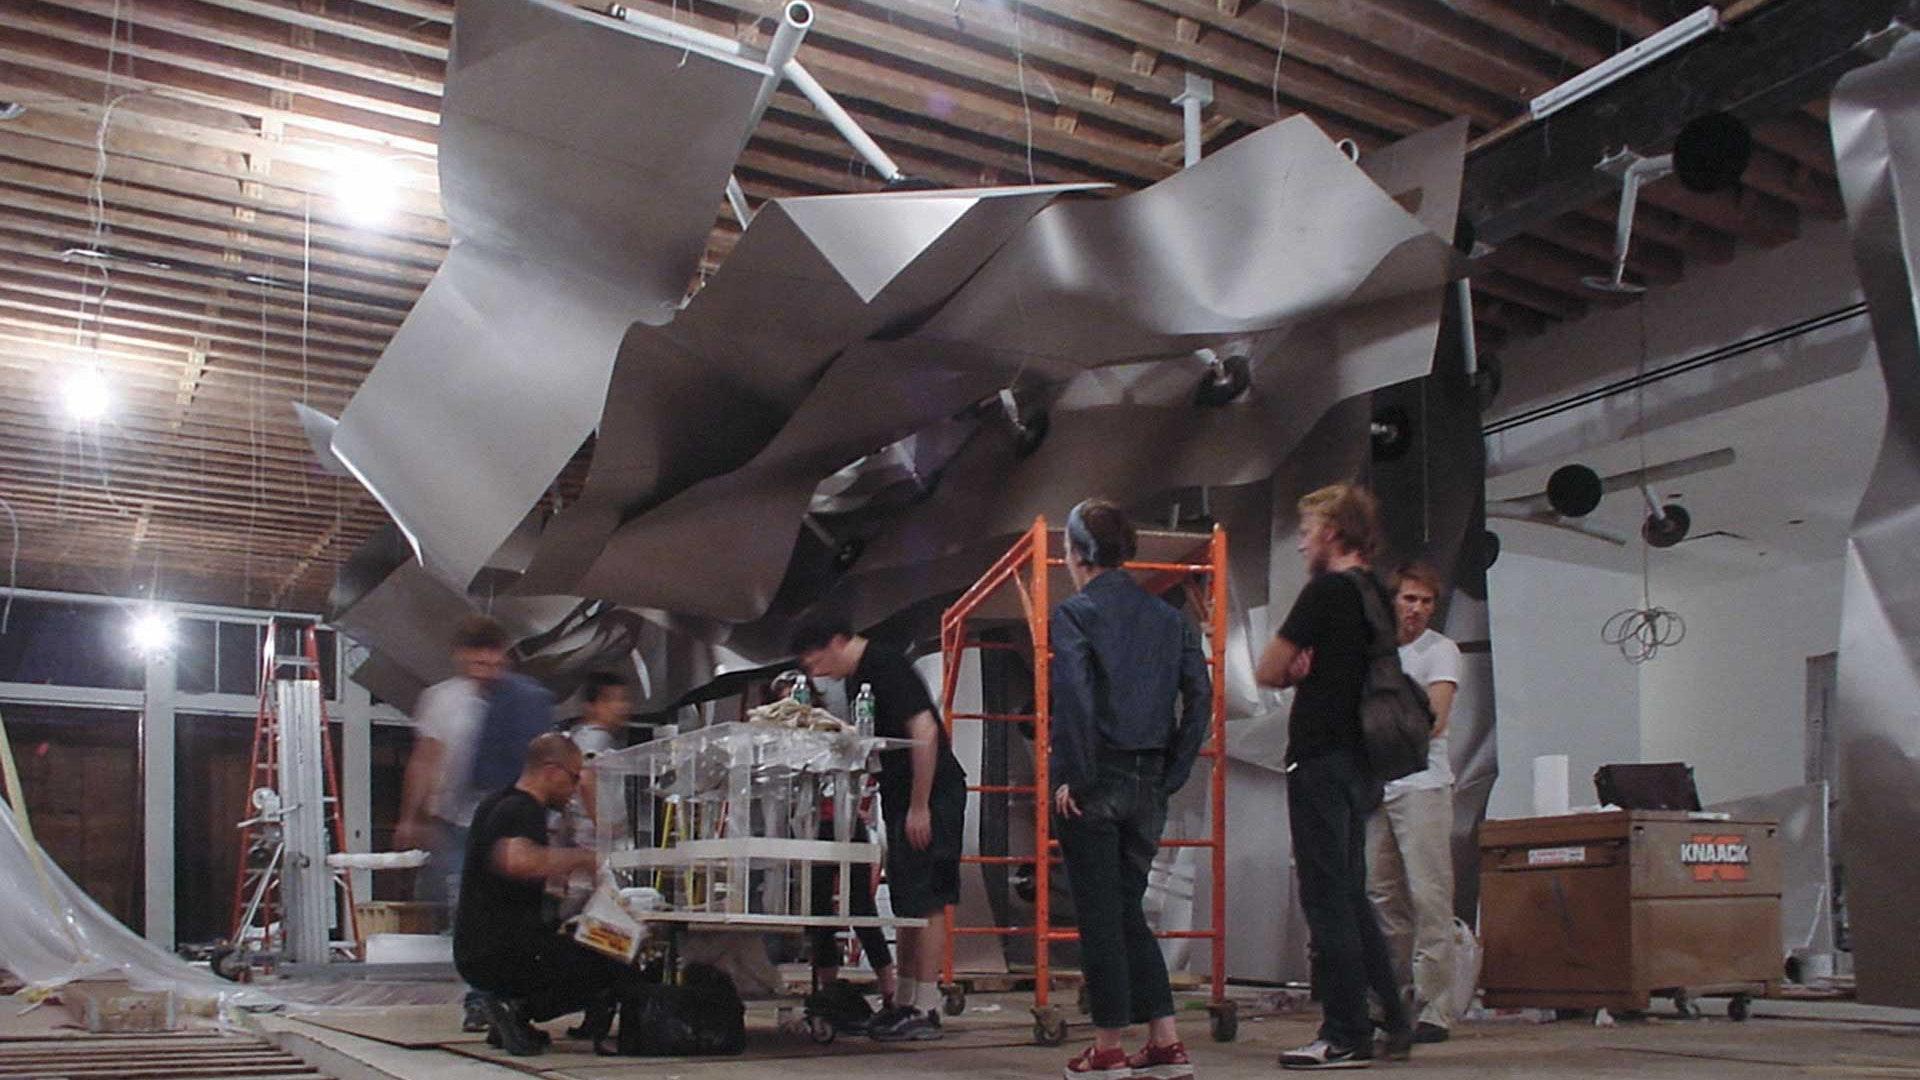 2da8d15faa Issey Miyake by Frank Gehry & Gordon Kipping | Zahner